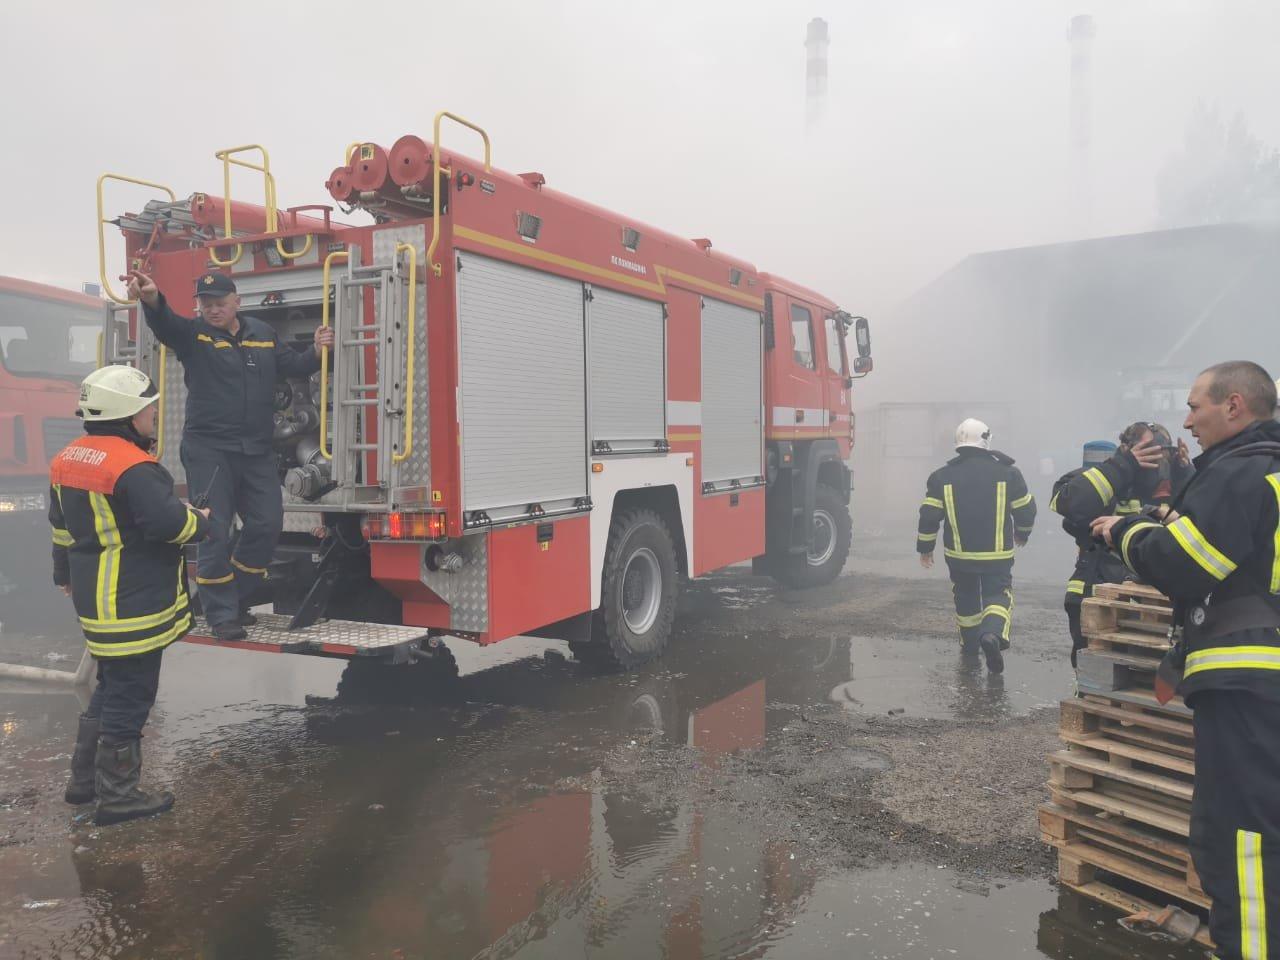 Пожар на предприятии с химикатами под Киевом: есть пострадавшие, ВИДЕО, ФОТО, фото-3